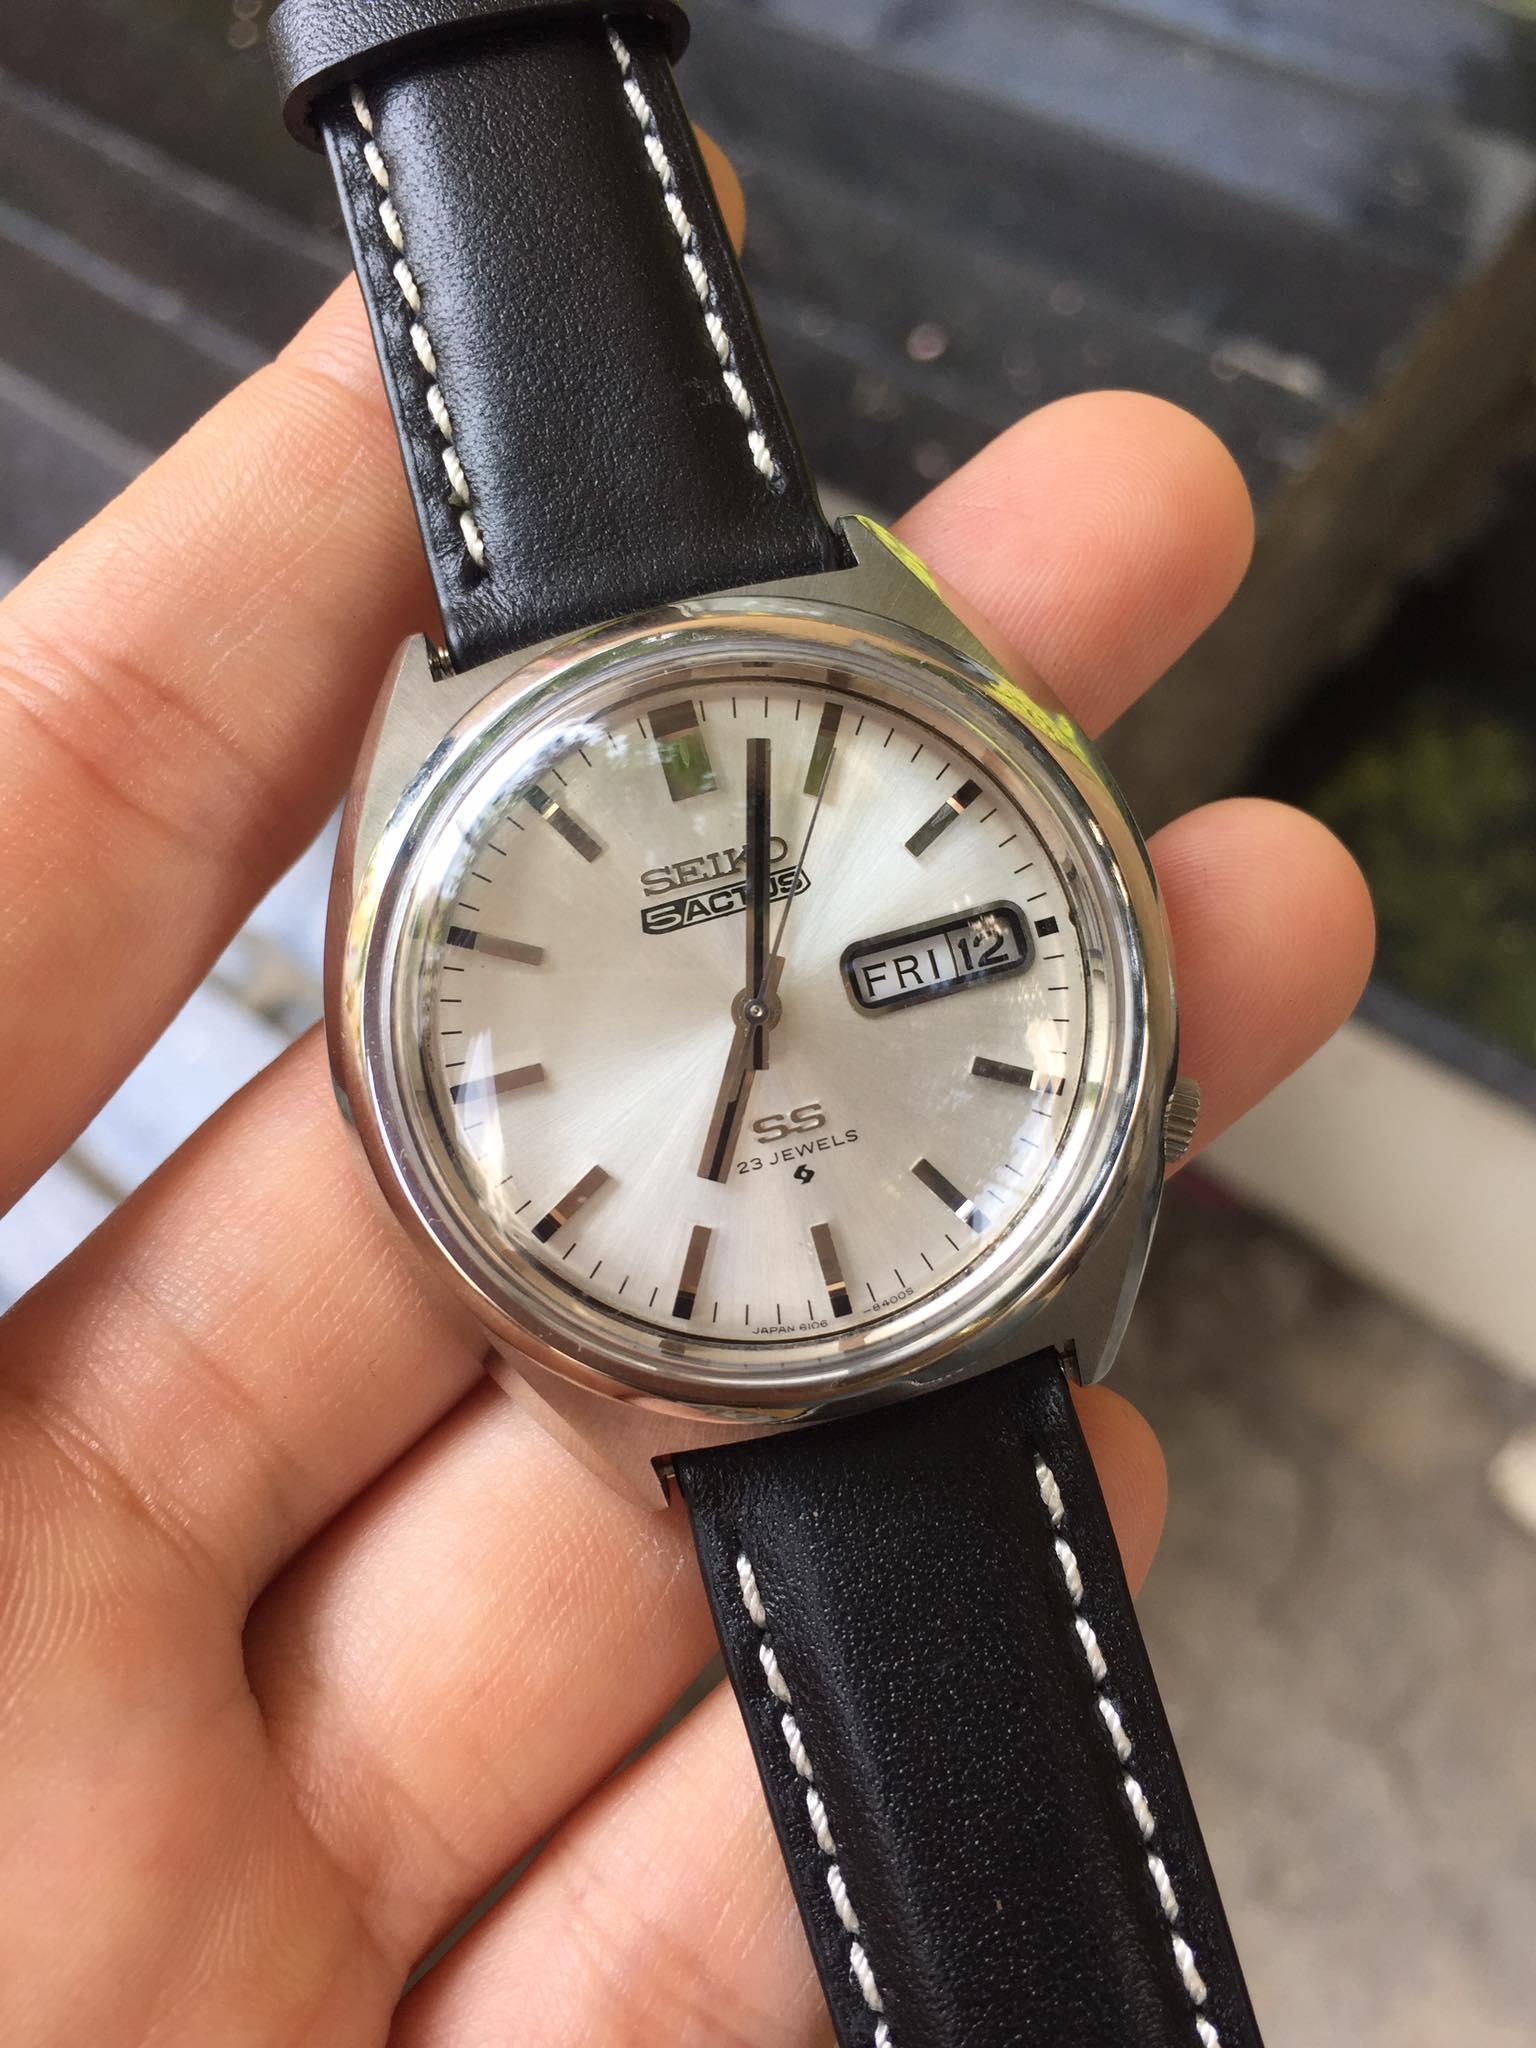 [HCM]Đồng hồ nam Seiko 5Actus SS 23 Jewels mặt trắng có ô cửa lịch dây da màu đen